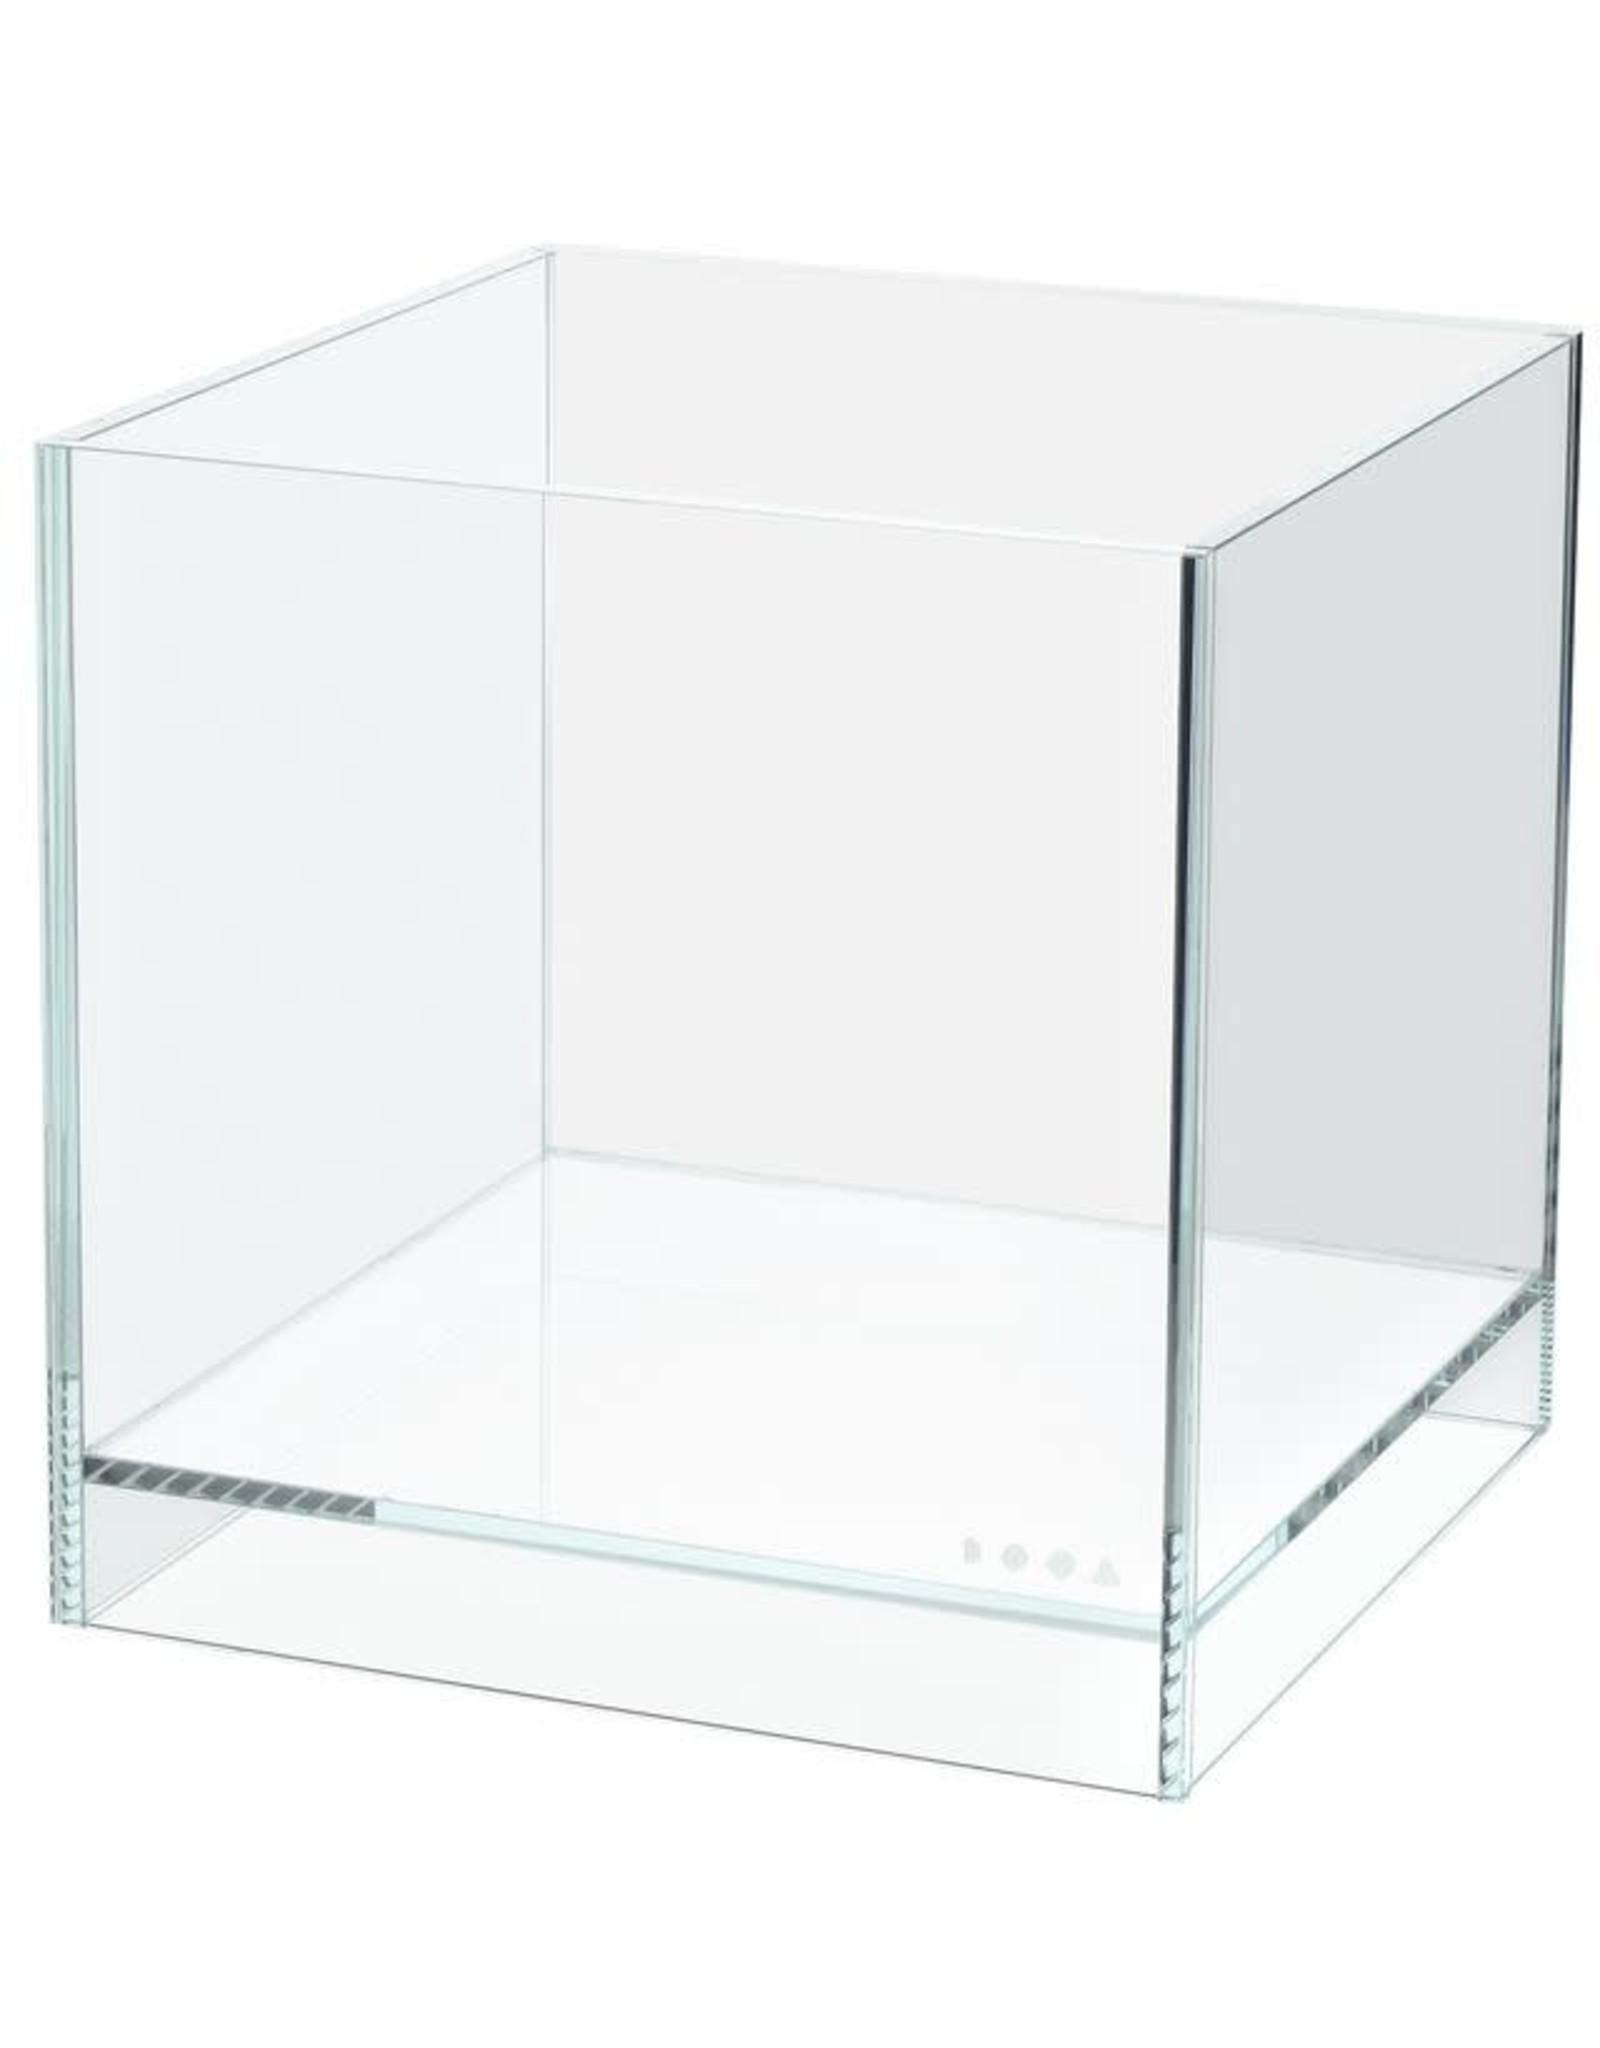 DOOA DOOA Neo Glass AIR 20x20x20cm